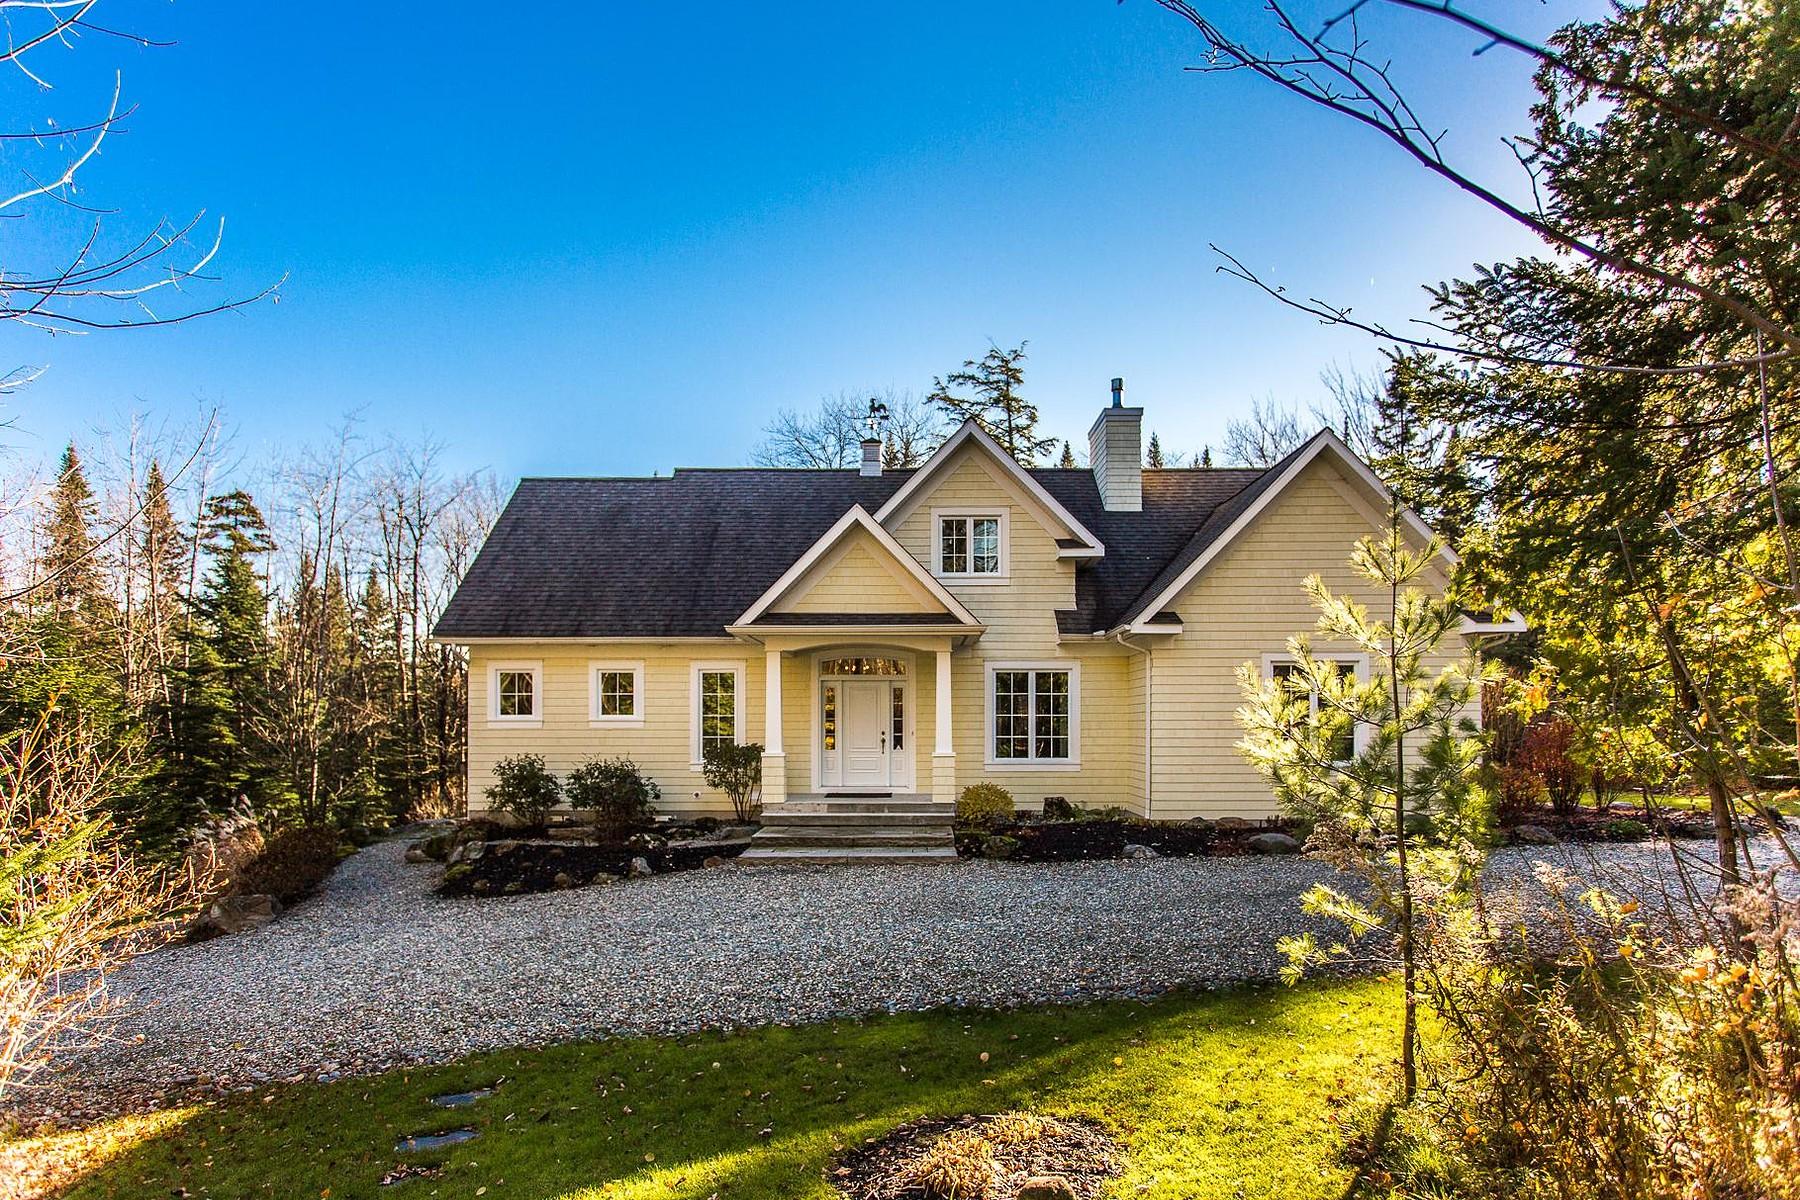 独户住宅 为 销售 在 Magog, Estrie 480 Rue Pouliot 玛戈, 魁北克省, J1X5Z8 加拿大